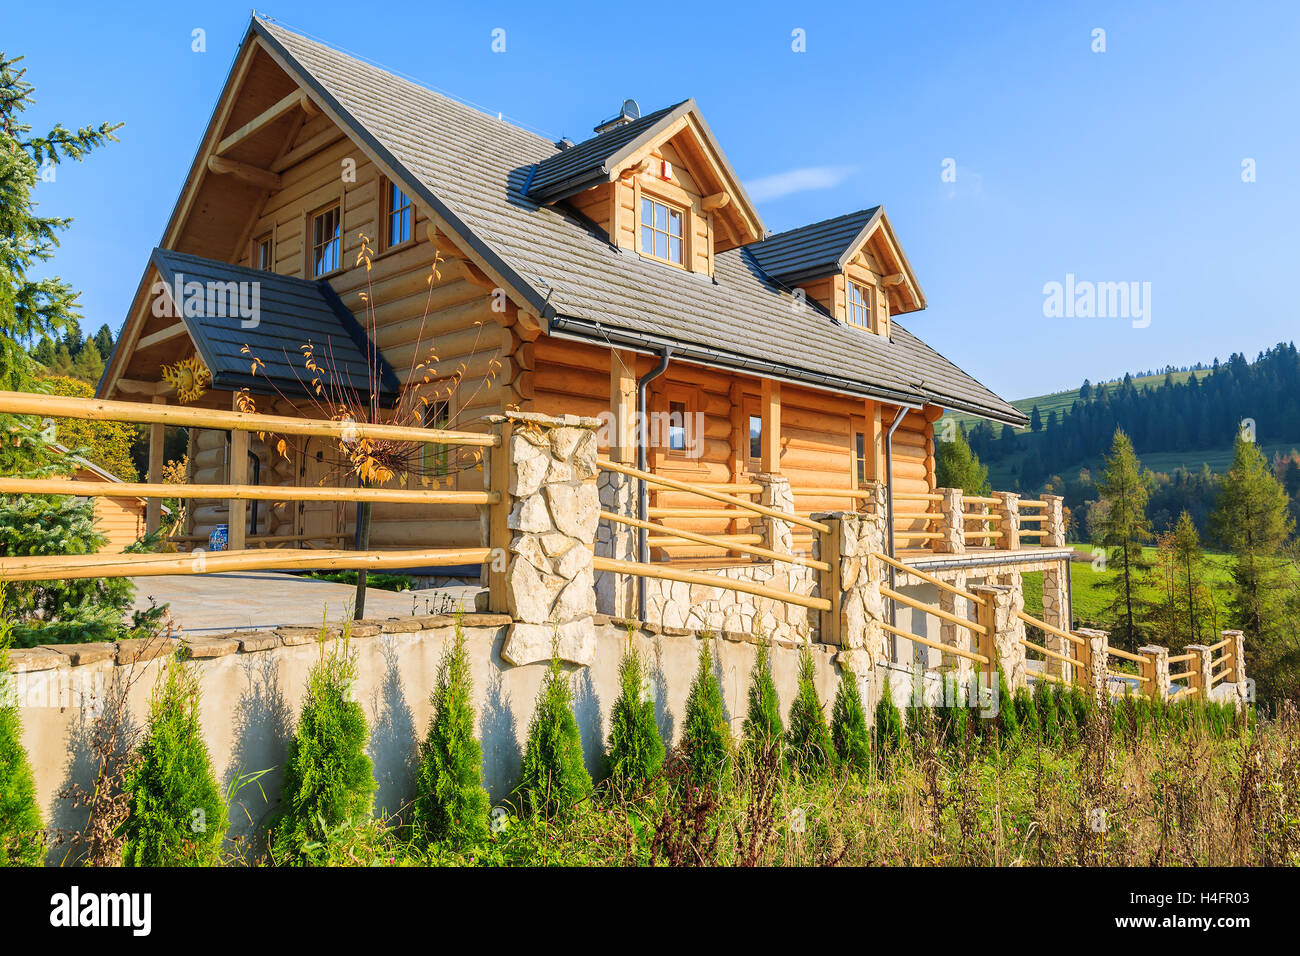 Case Di Montagna In Legno : Legno casa di montagna costruita da ciocchi di legna sulla giornata